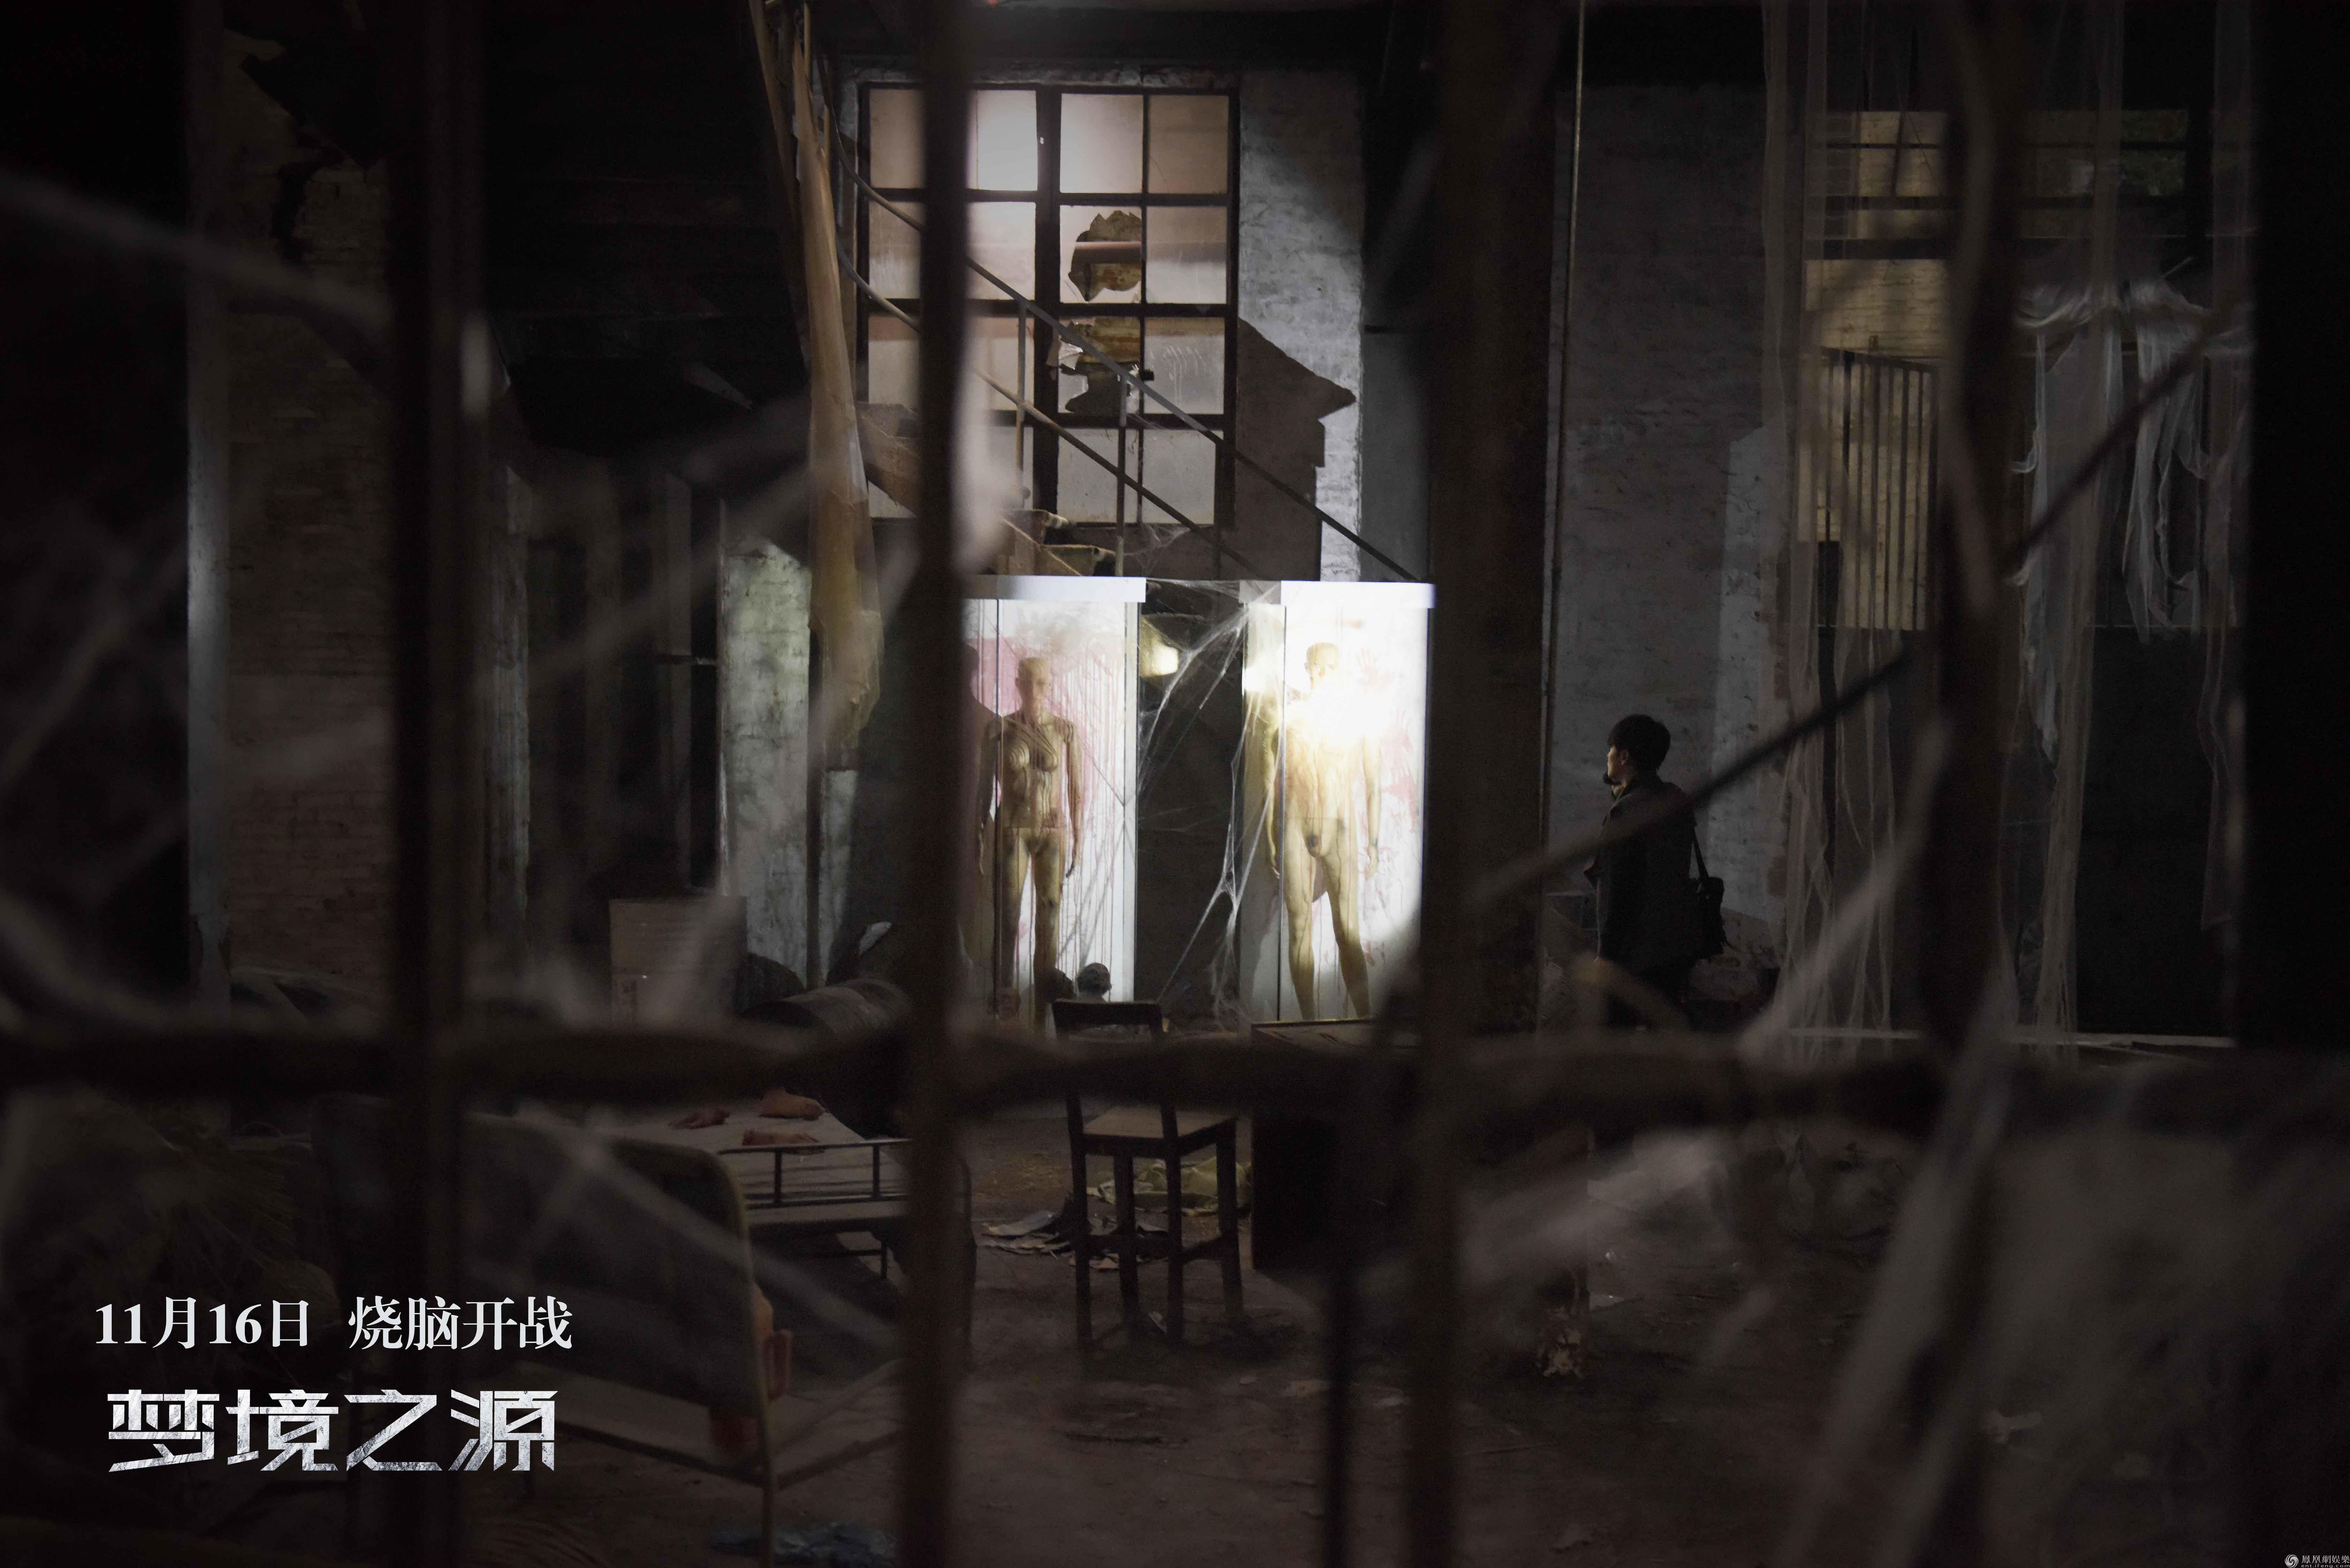 《梦境之源》曝海报预告 李彧陈志朋颜丹晨梦境求生